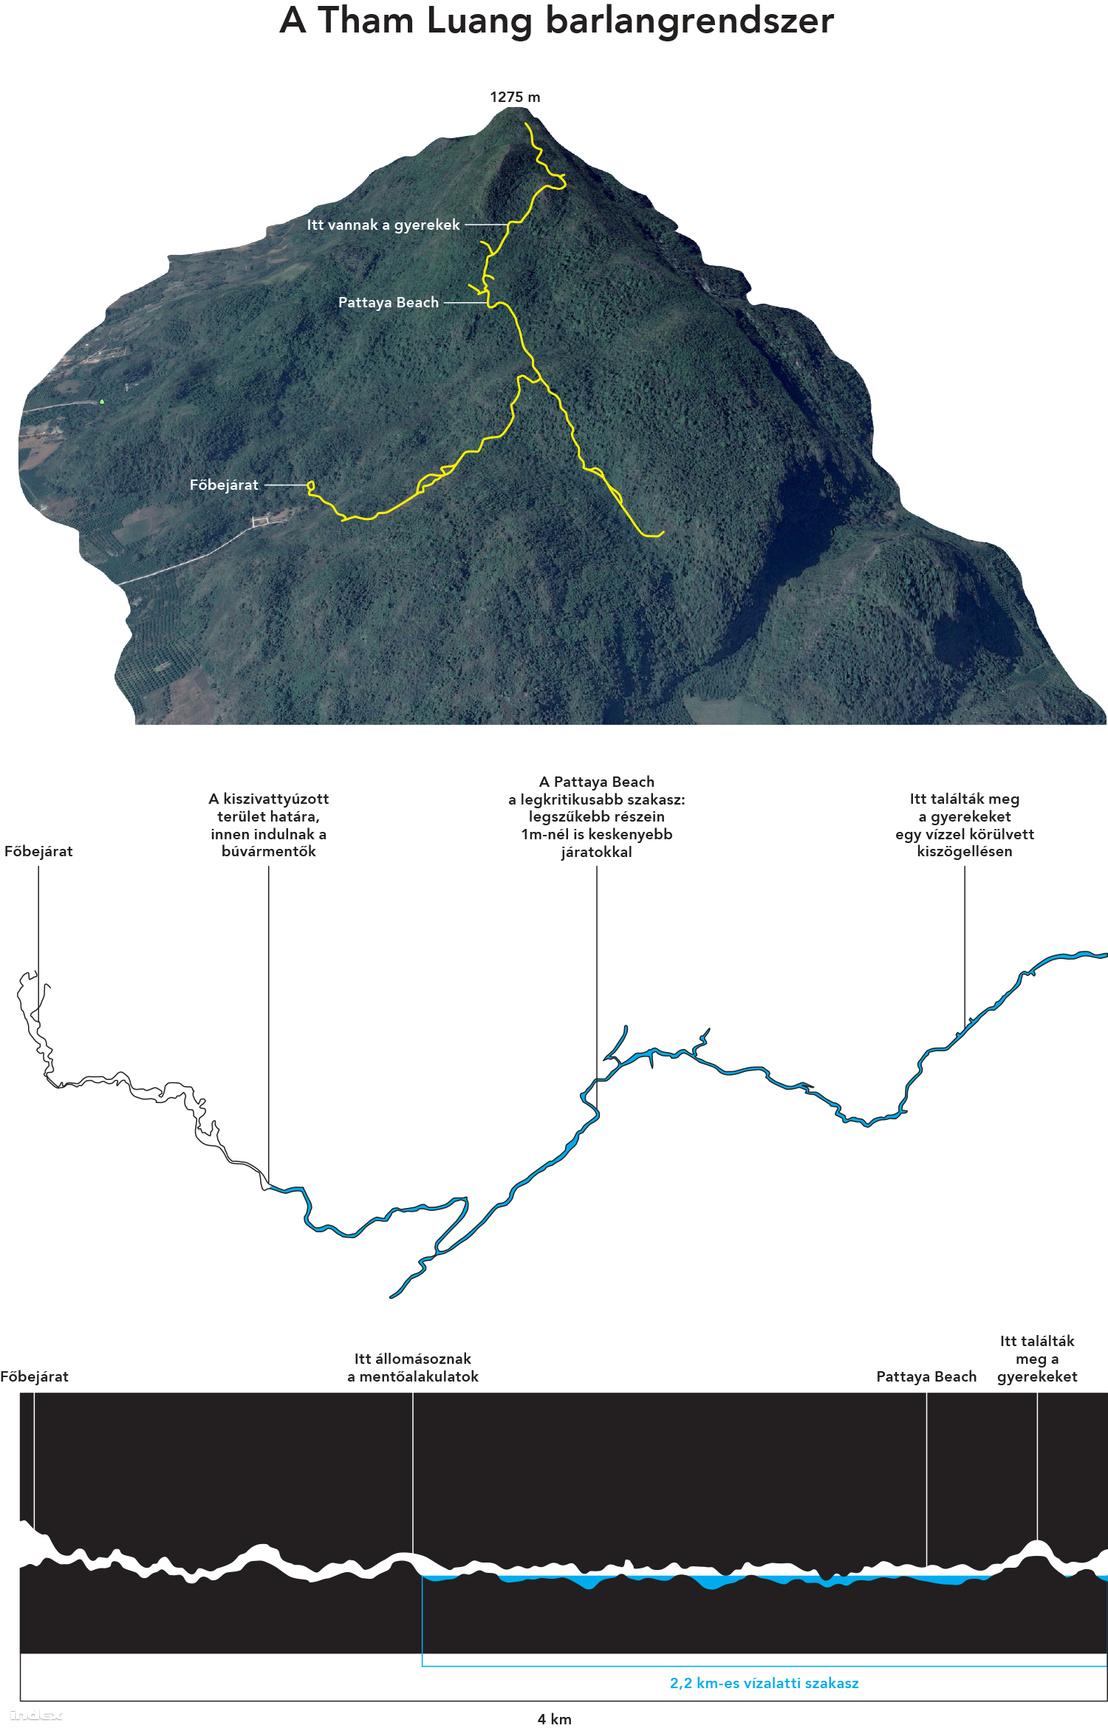 A barlangrendszer sematikus ábráihoz a BBC és a Guardian adatait vettük alapul.